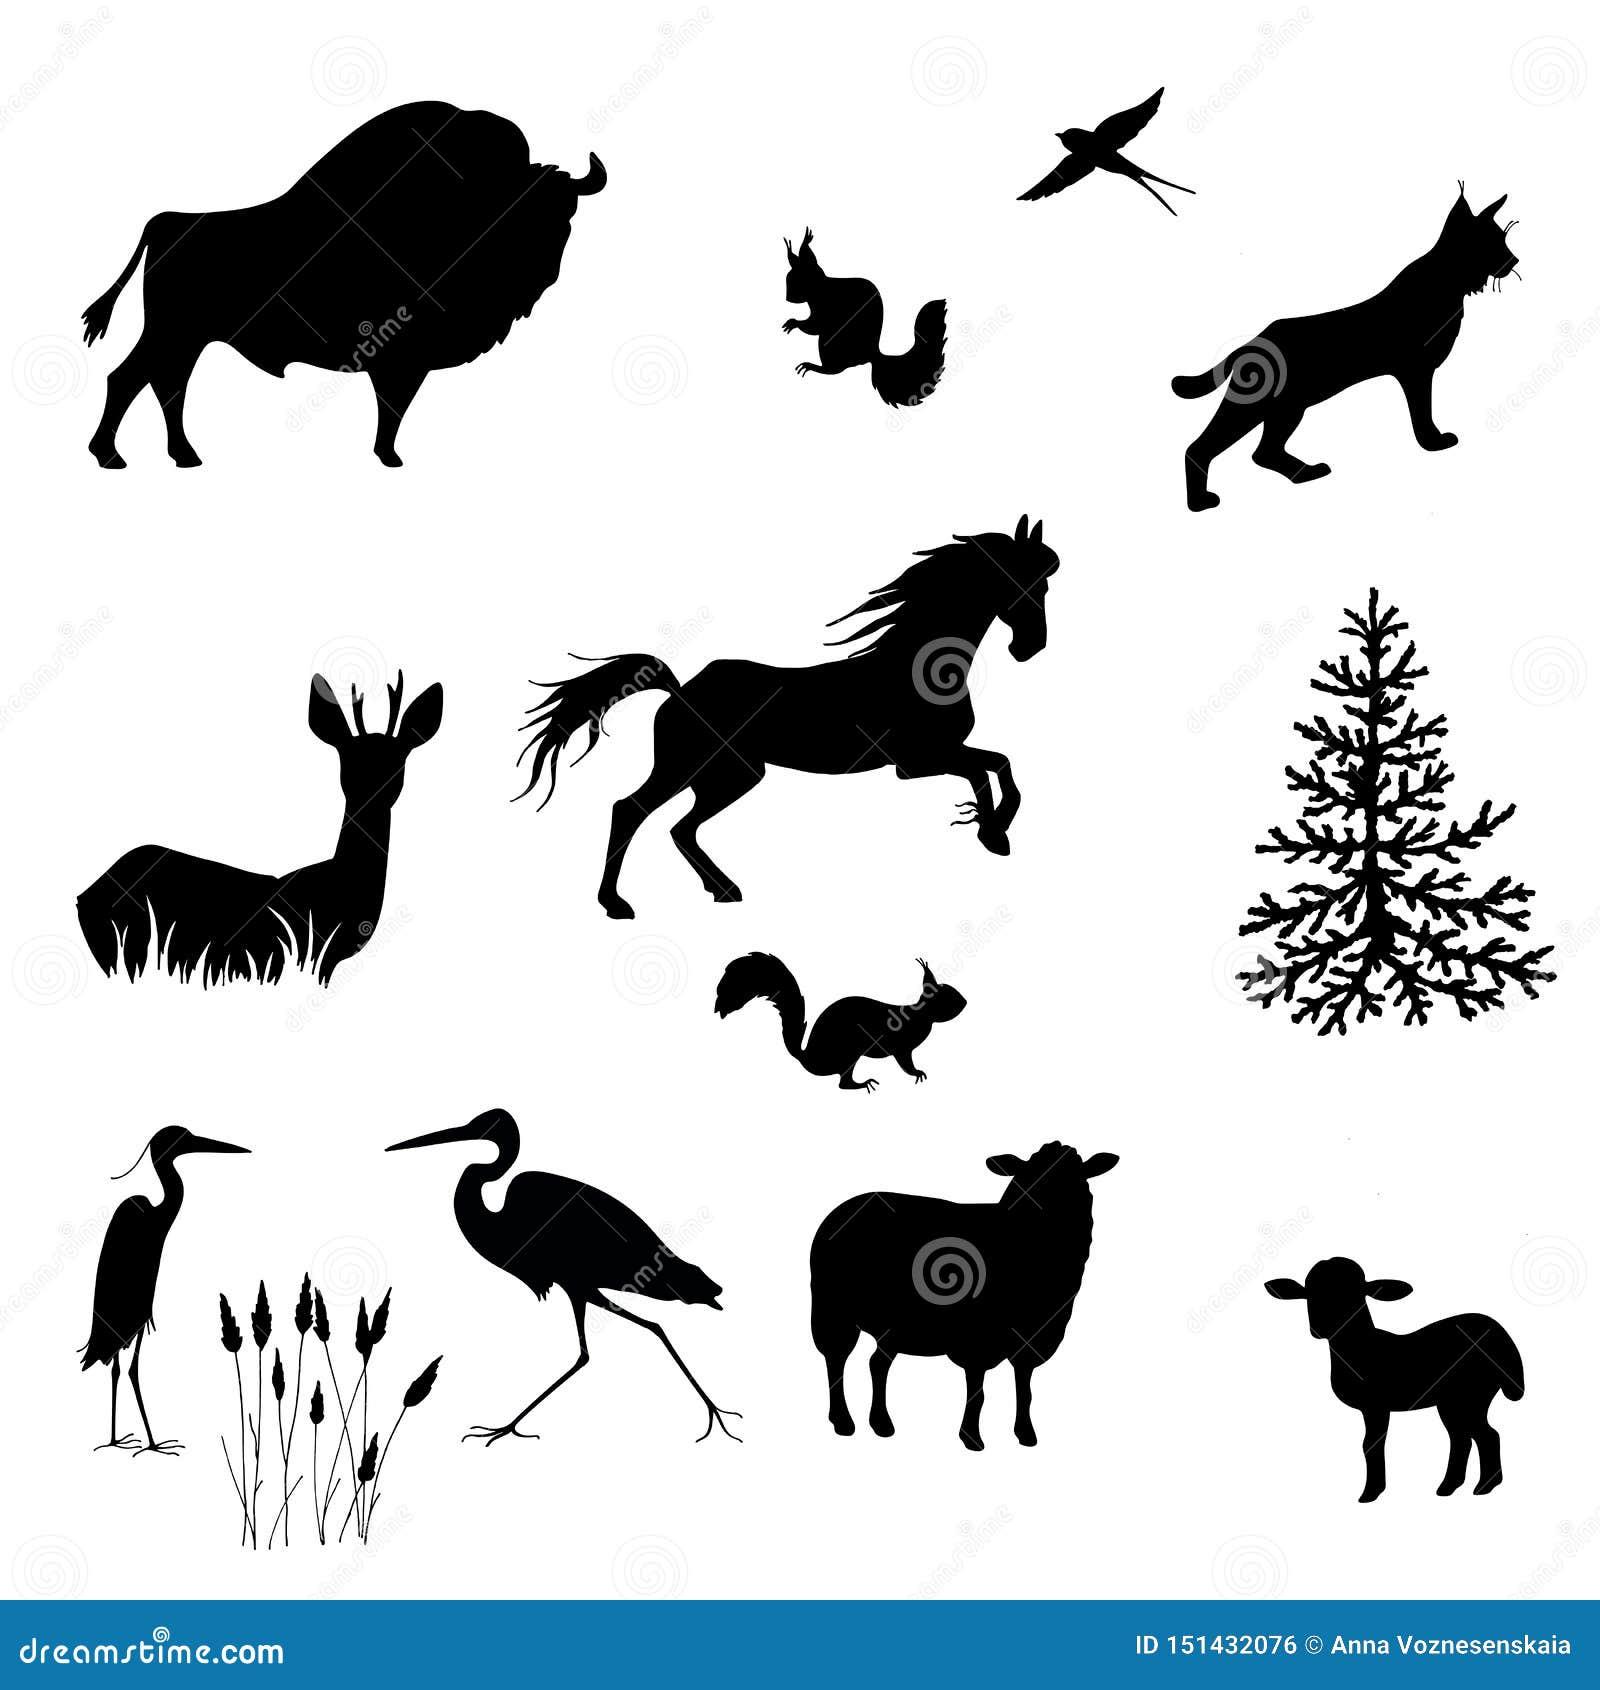 Siluetas del bisonte, oveja, cordero, lince, ardilla, garzas, tragos, ciervos en barbecho, vector del caballo